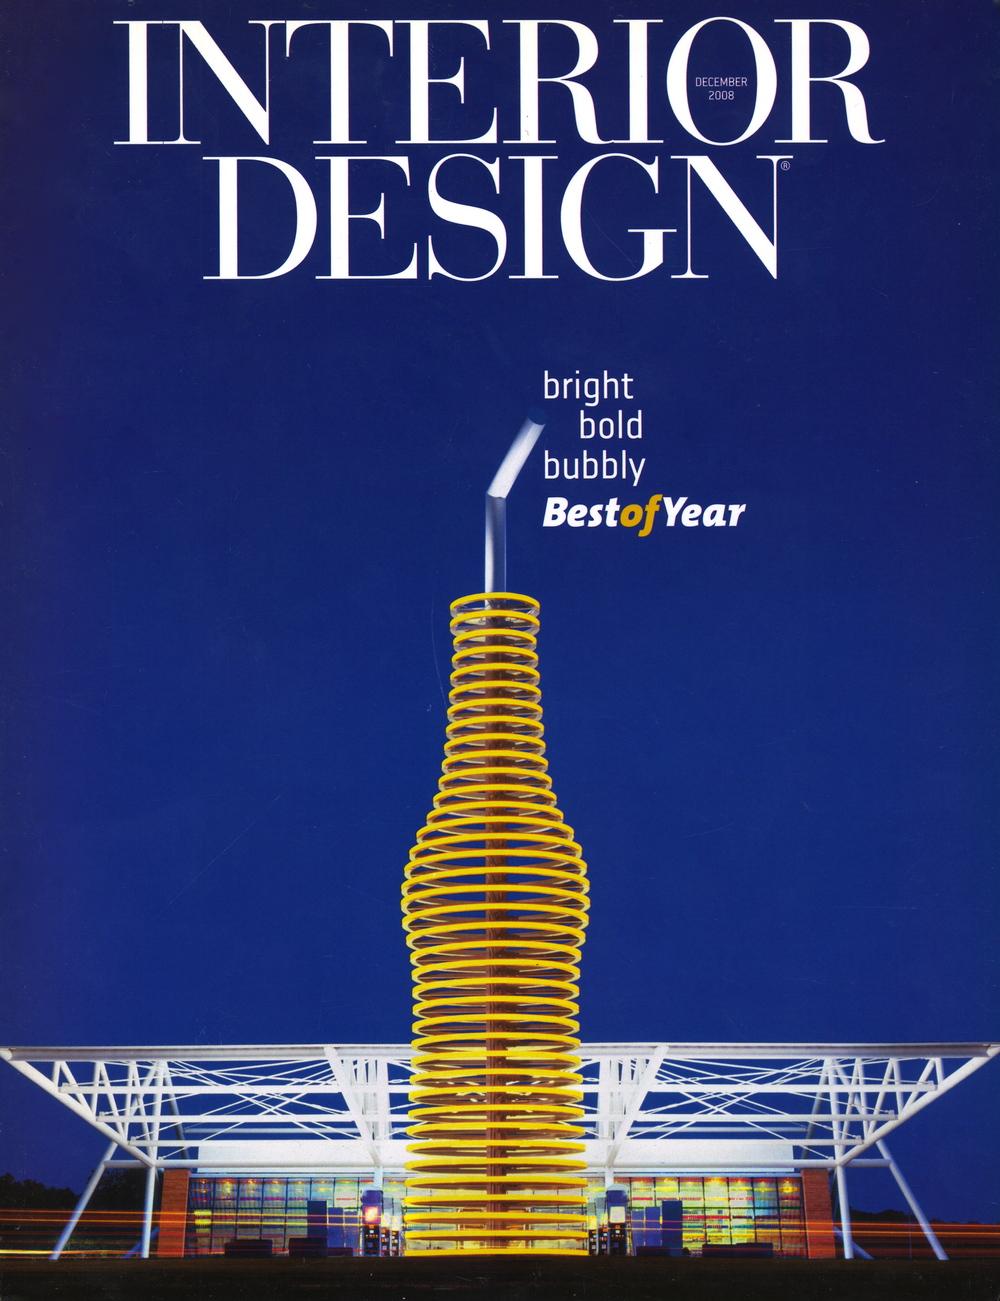 Interior Design Magazine_Dec 2008-cover.jpg